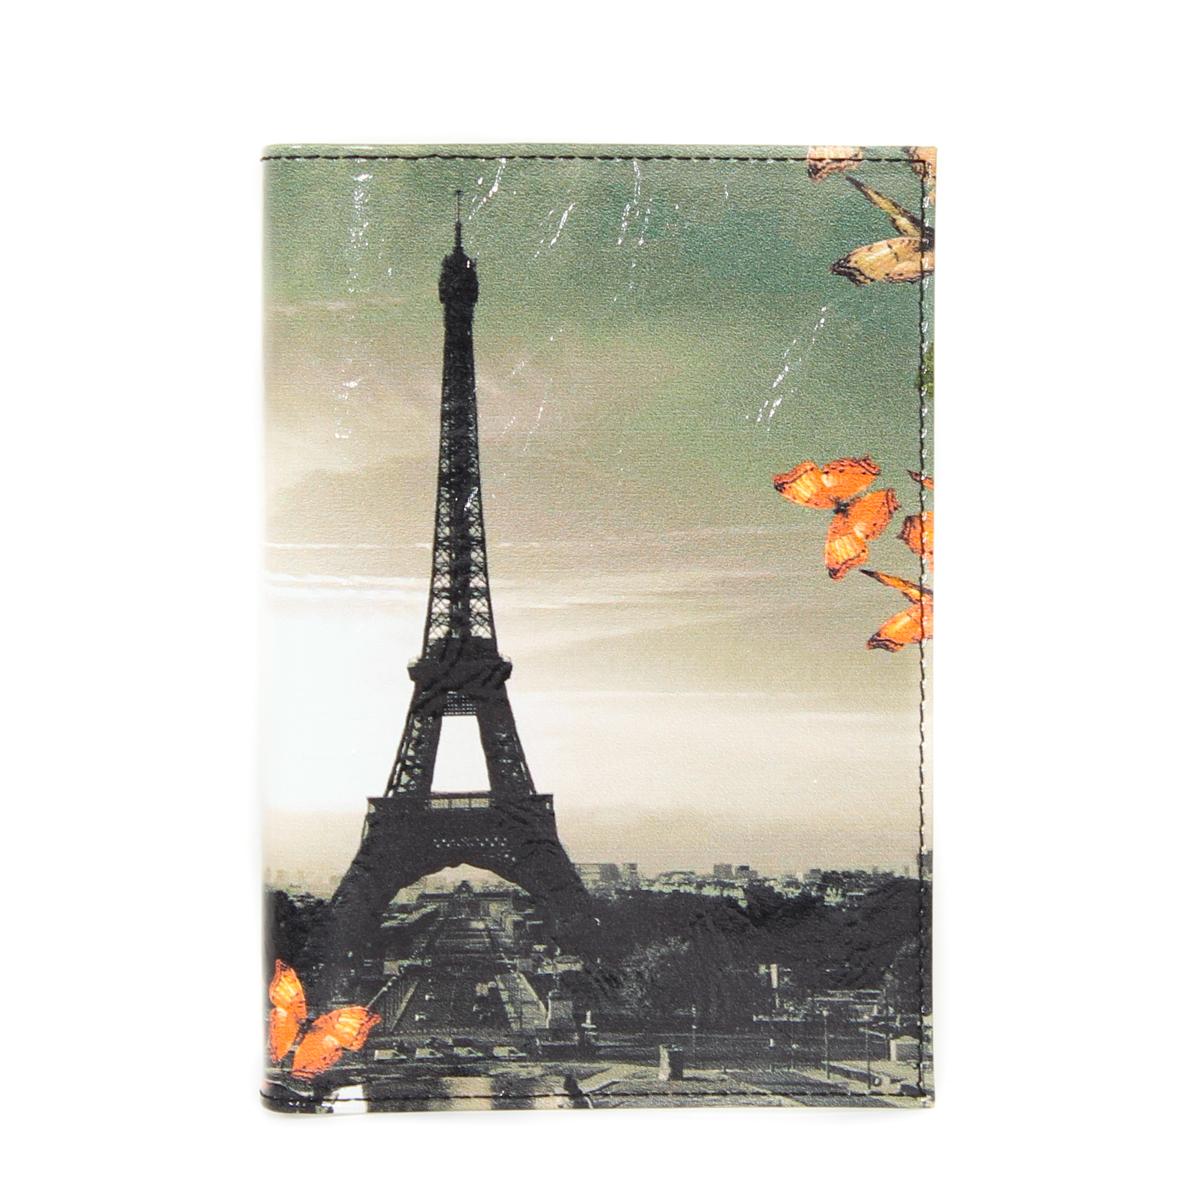 Обложка для паспорта женская Flioraj, цвет: мультиколор. 0005094800050948Удобная и практичная обложка для документов. Уникальный аксессуар, декорированный качественным фотопринтом.